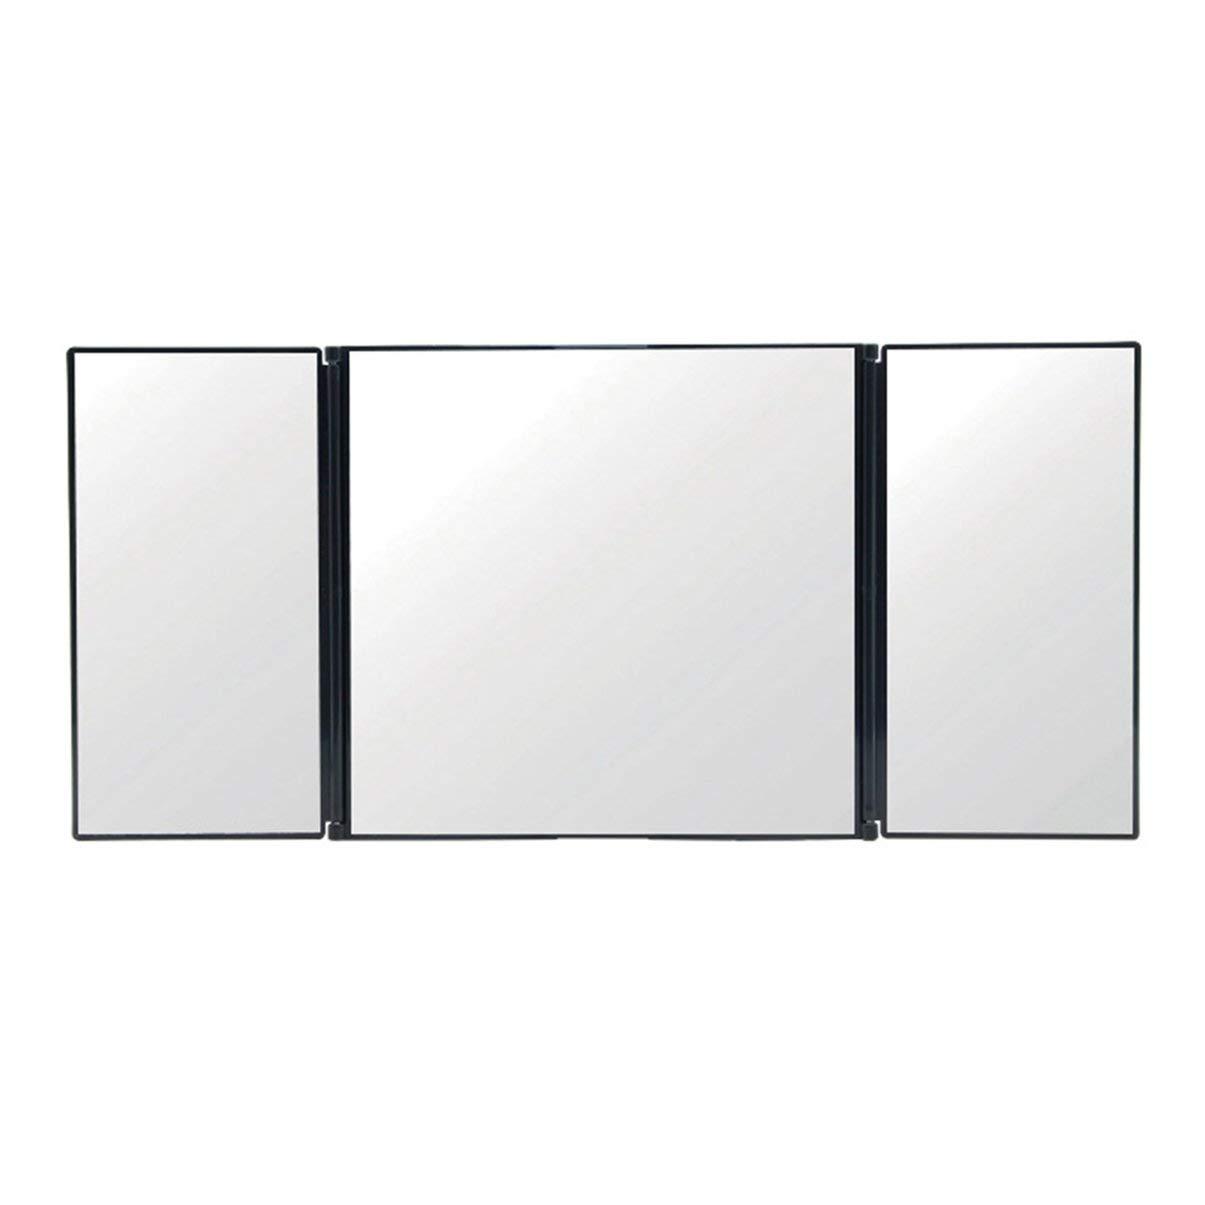 Specchietto cosmetico pieghevole per auto Specchio pieghevole per auto 3 Specchietto per il trucco auto regolabile JullyeleITgant